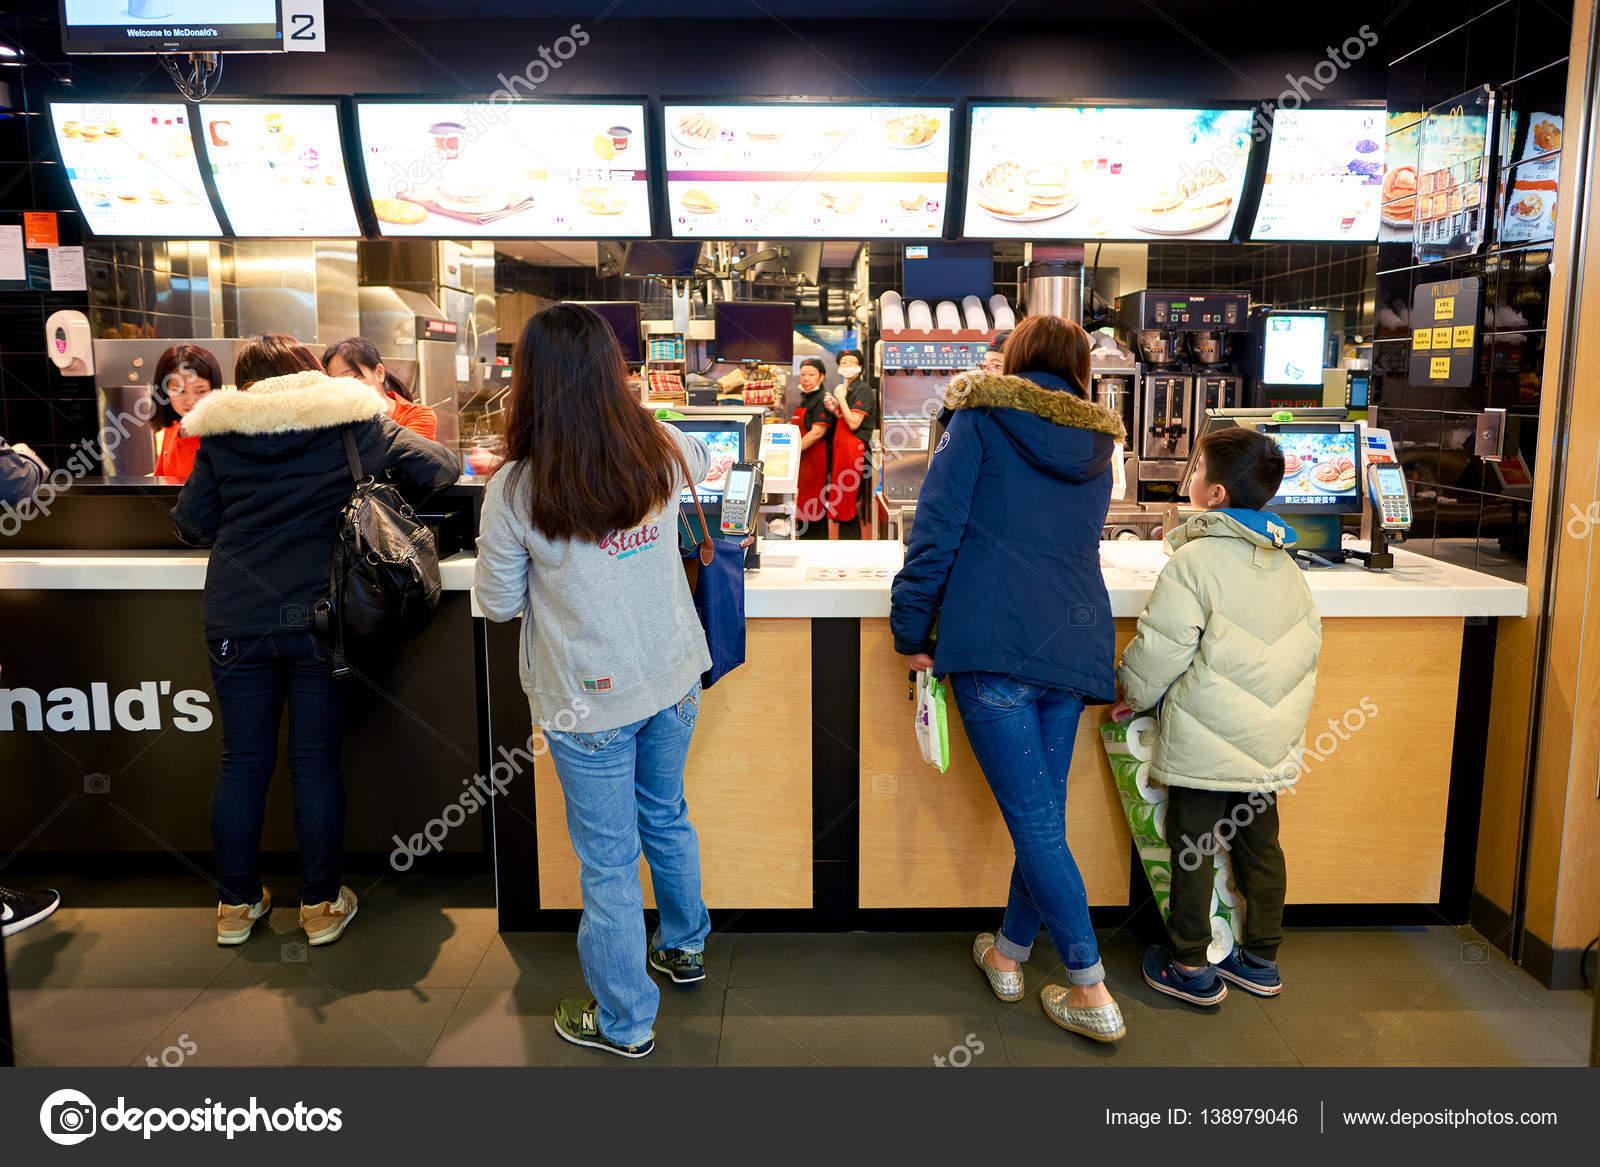 standing in a queue